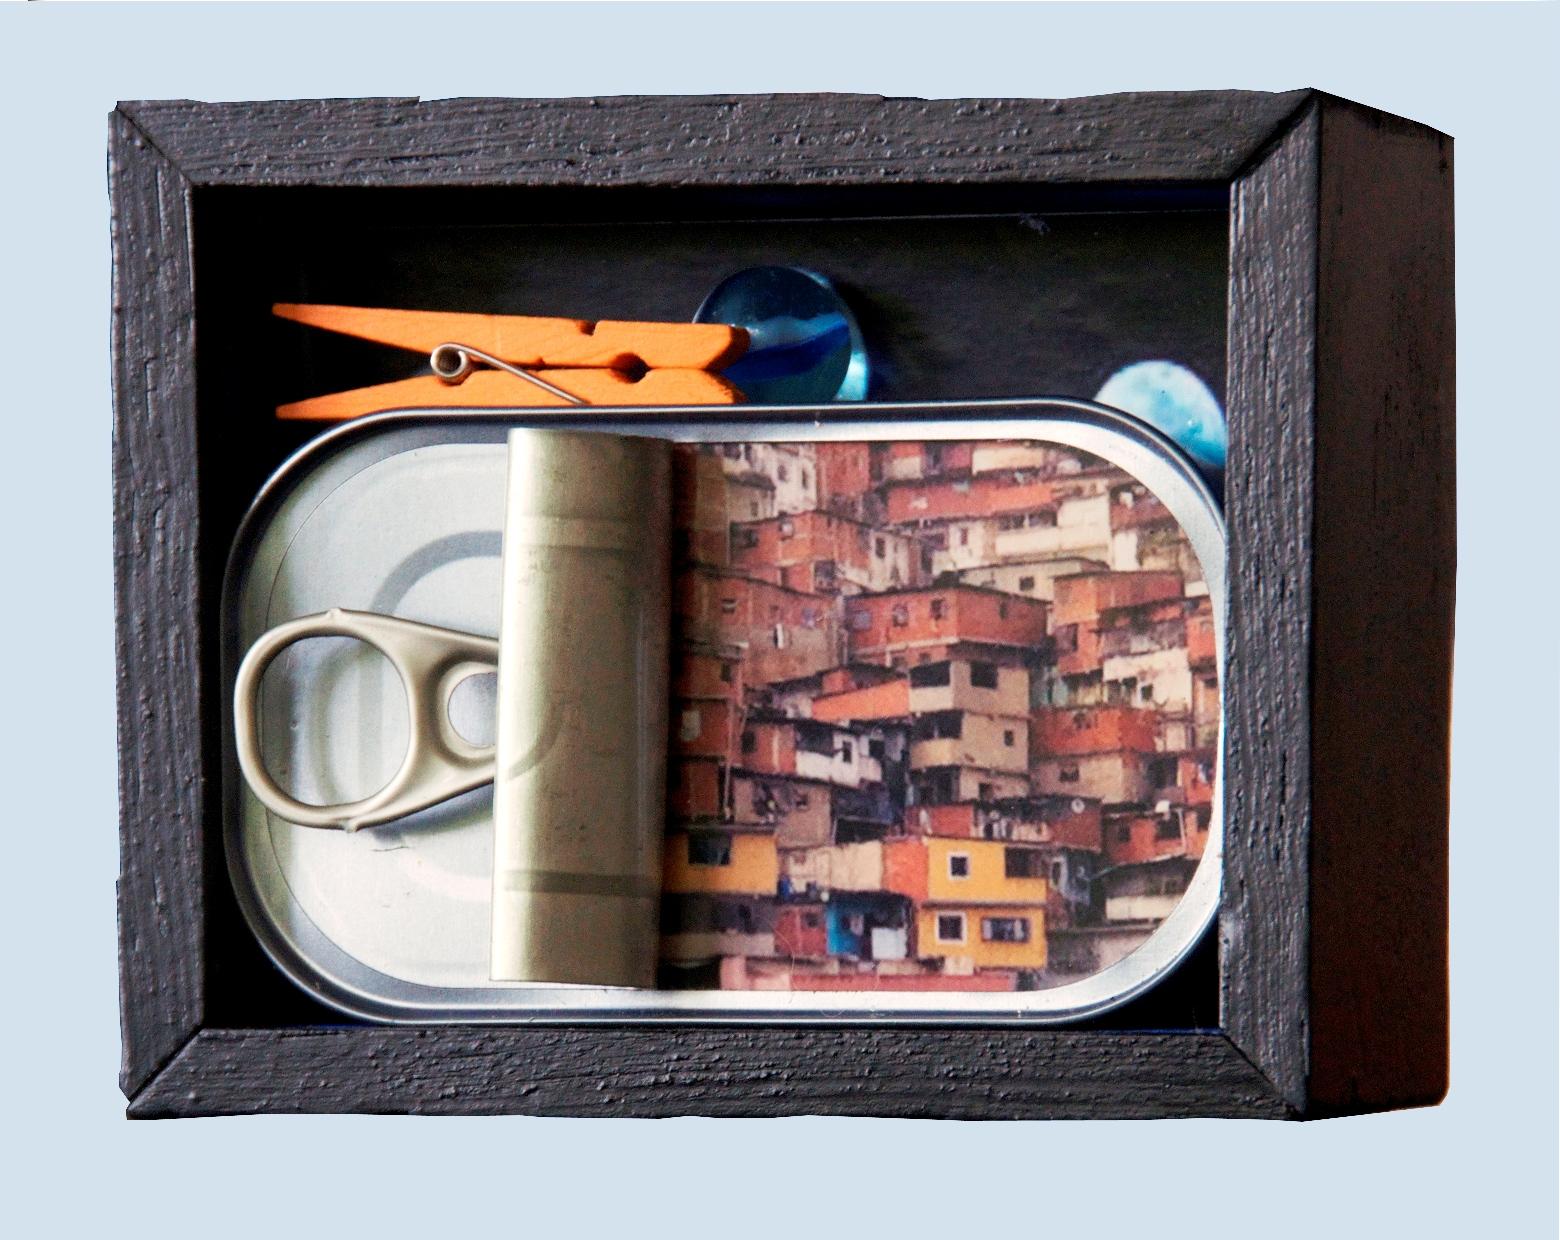 Artistas venezolanos registrados en Imago Mundi Project  toman los espacios de la Galería de Arte Florida